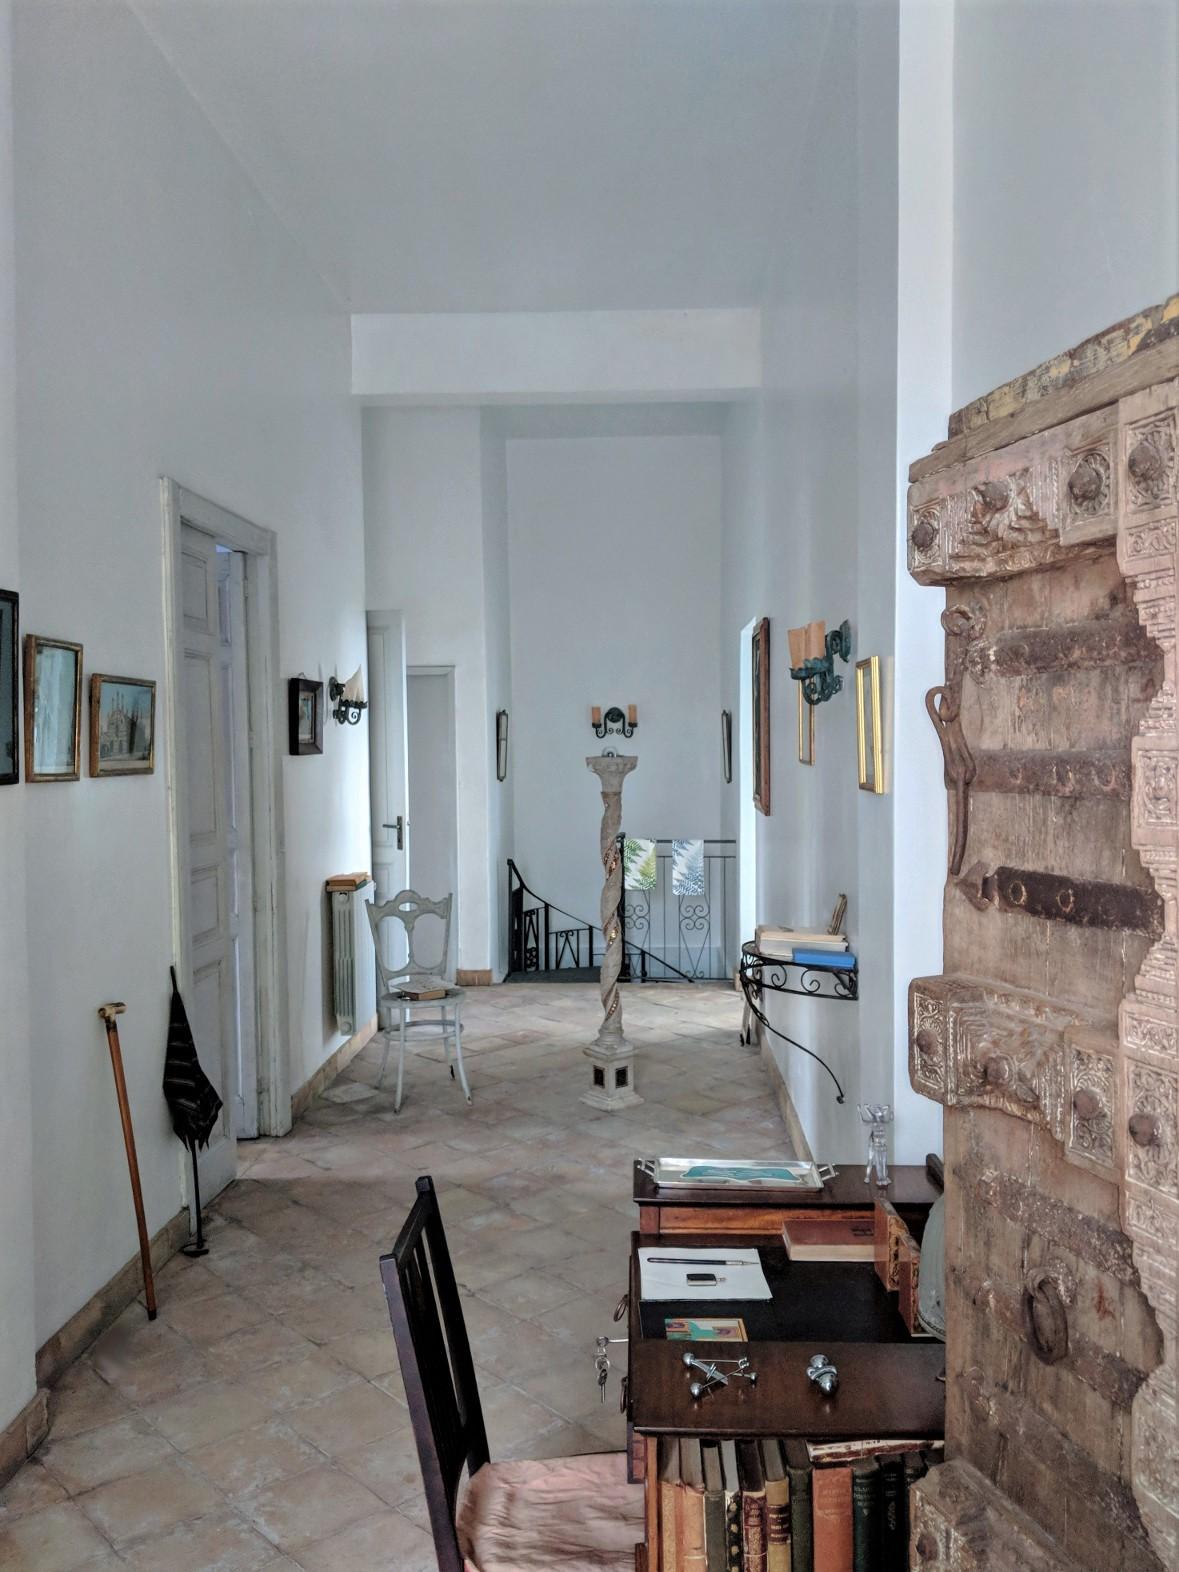 62 entrance indian door villa ama sicily.jpg